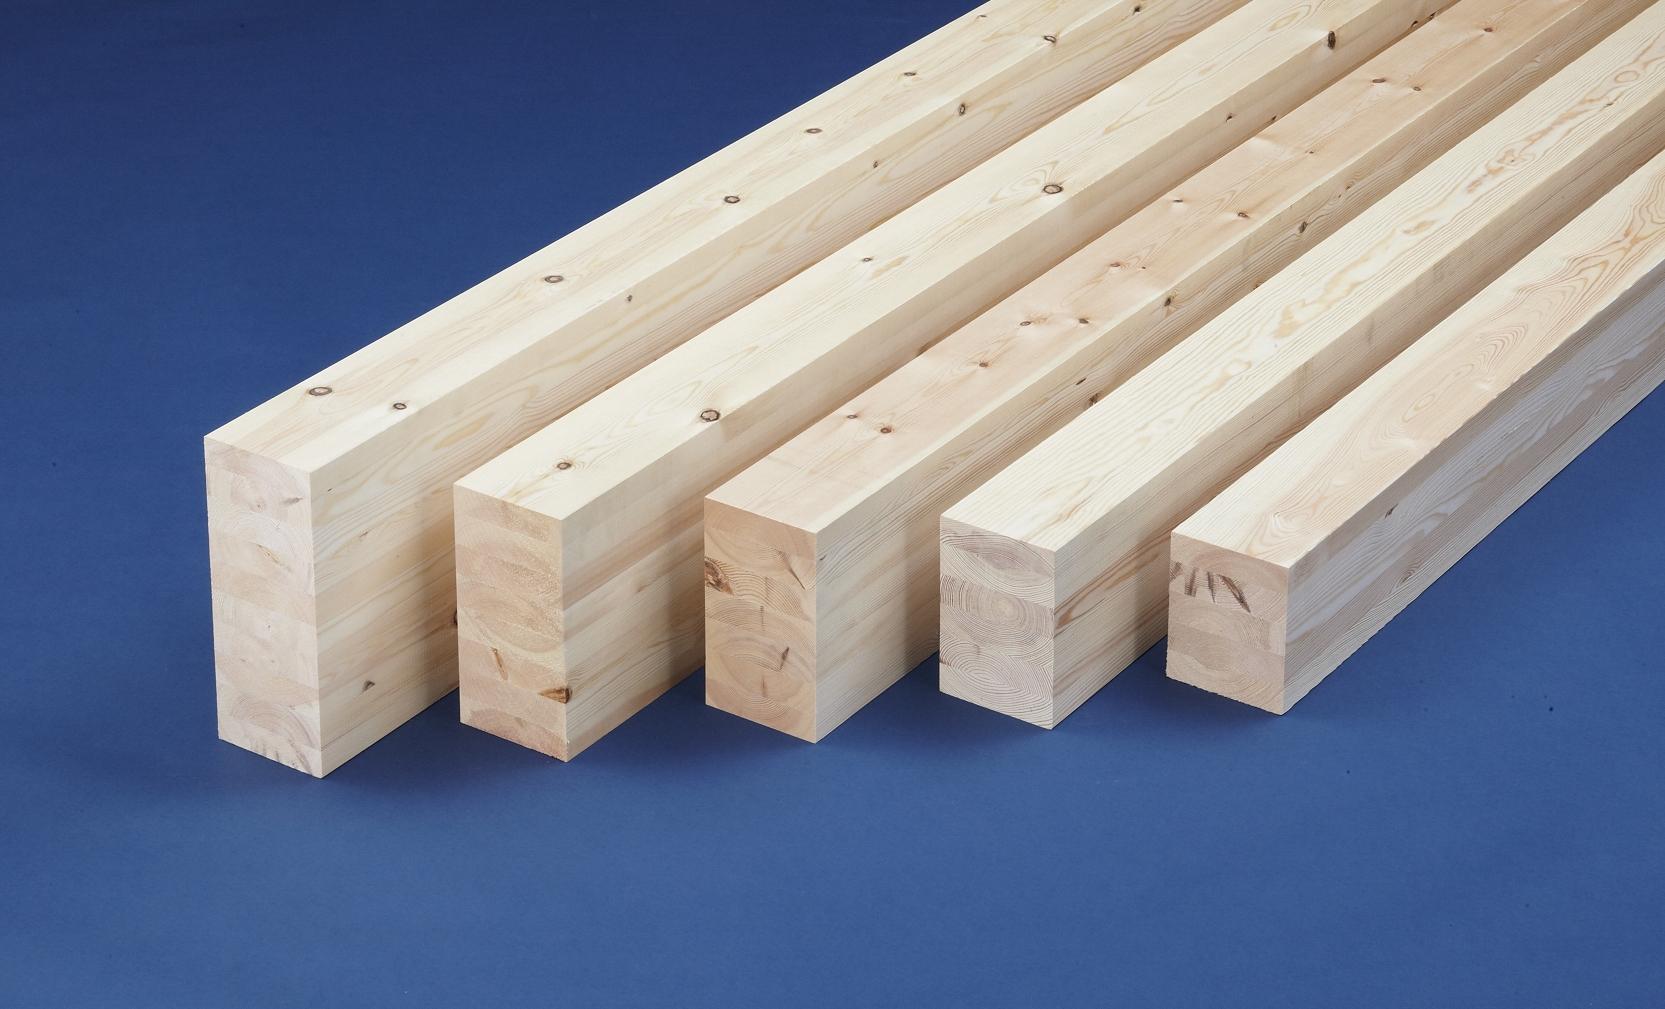 大規模木造における国産材活用の鍵はJAS構造材